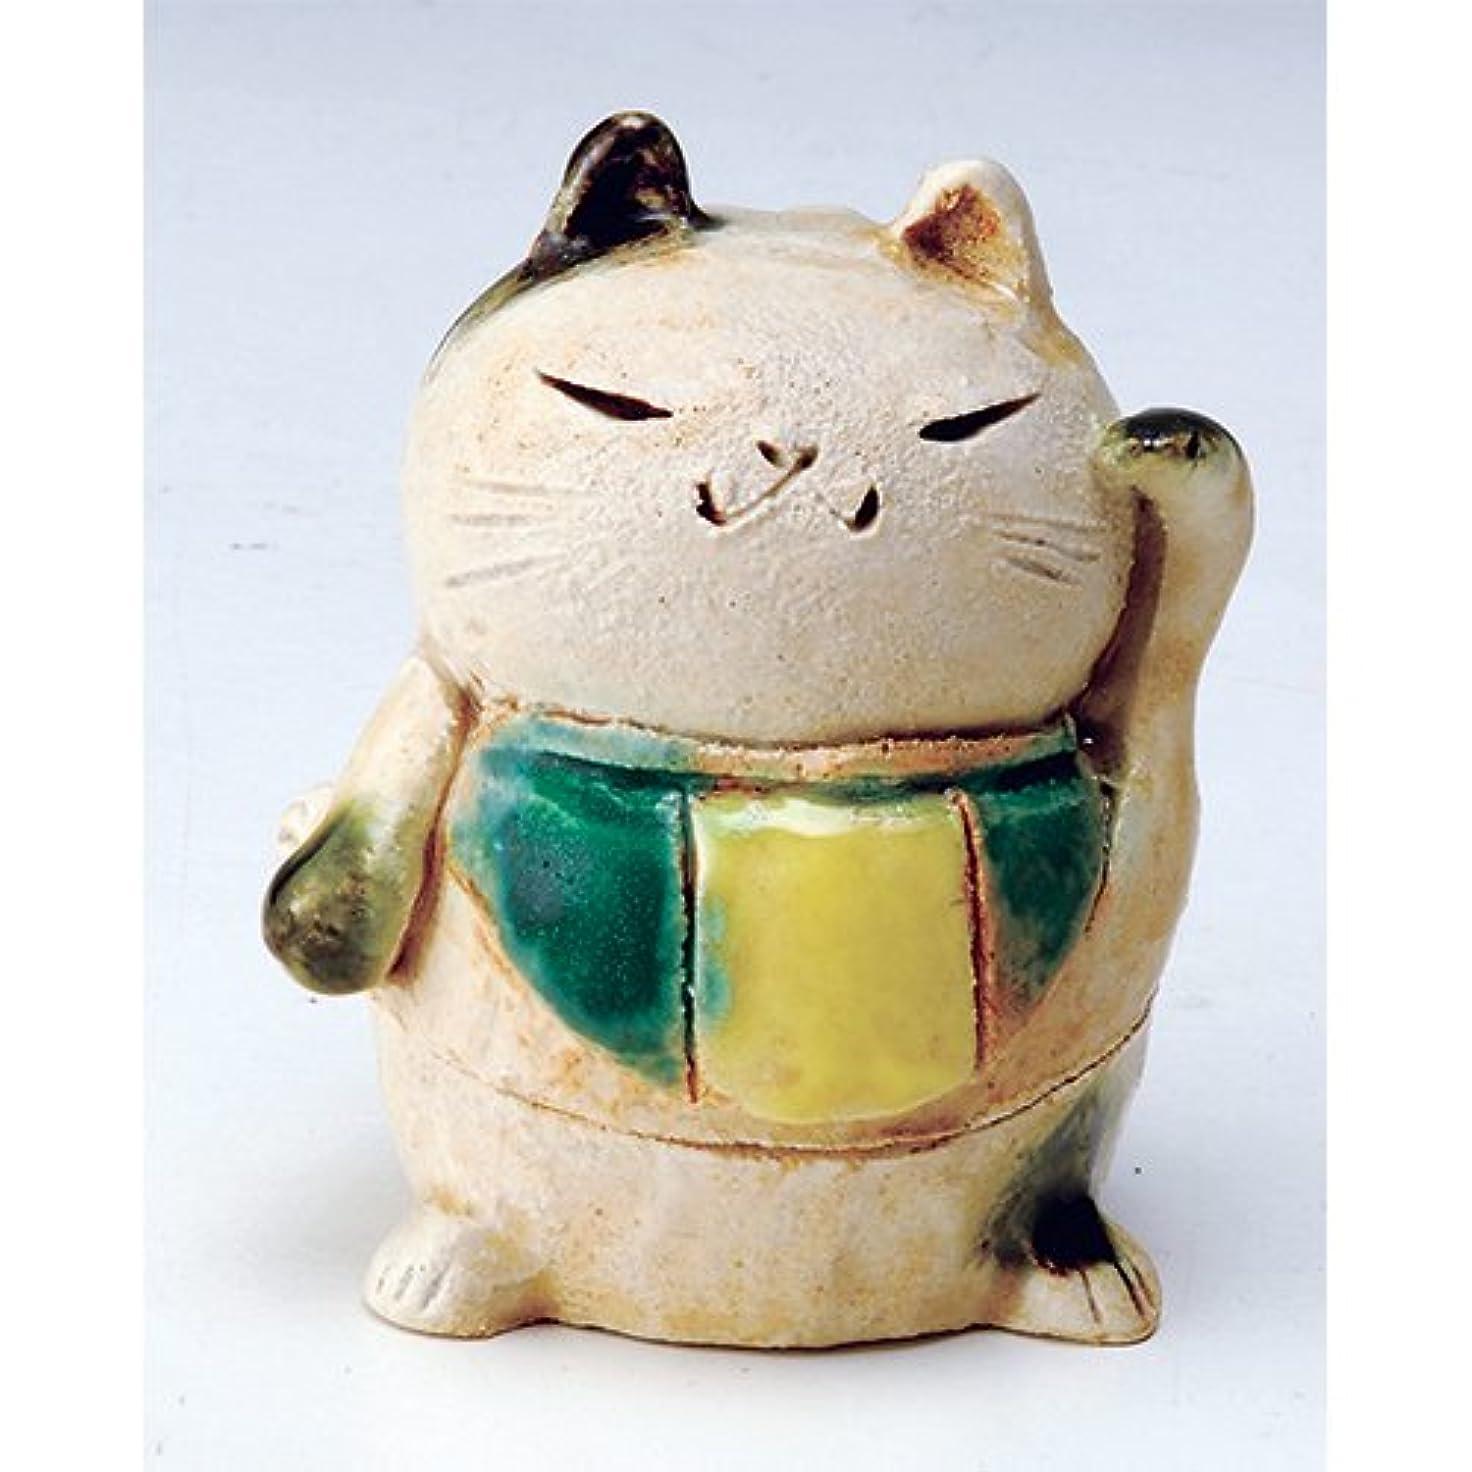 小川状ふける香炉 白萩 招き猫(人)香炉(小) [H8cm] HANDMADE プレゼント ギフト 和食器 かわいい インテリア